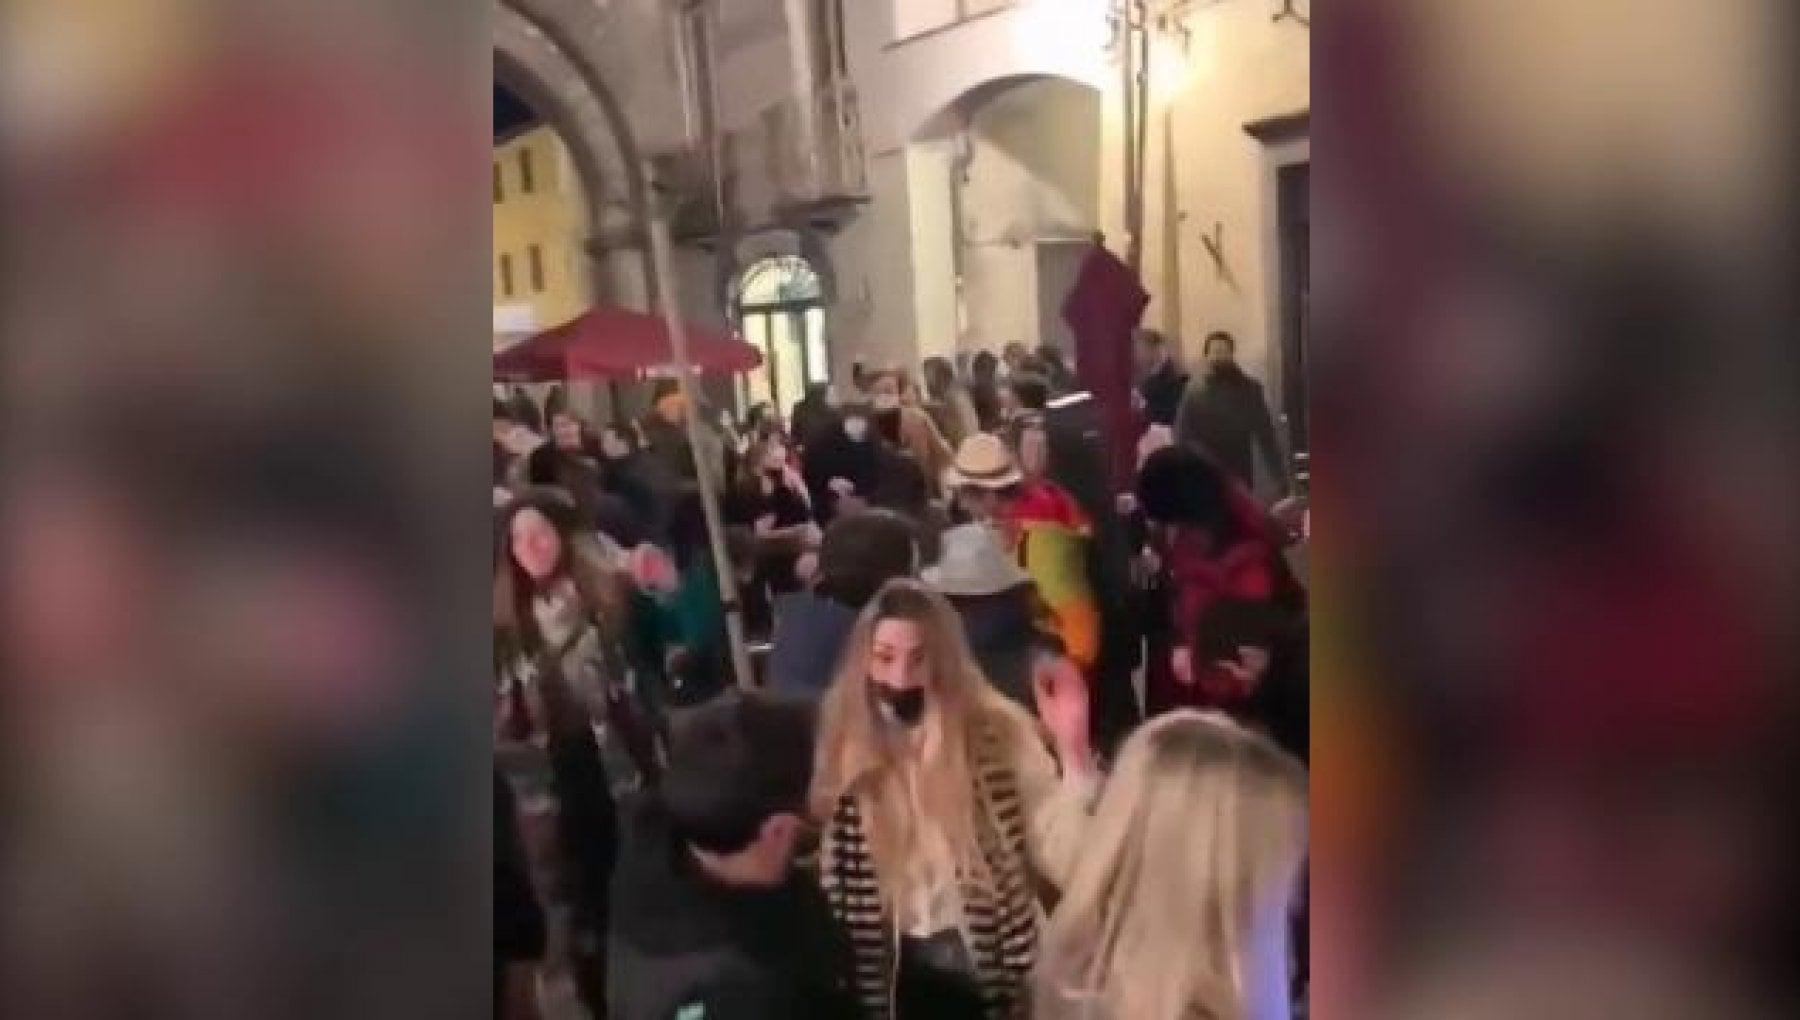 Ancora movida e assembramenti da Milano a Lucca da Roma a Catania a Livorno centinaia di giovani a bere e ballare davanti ai locali